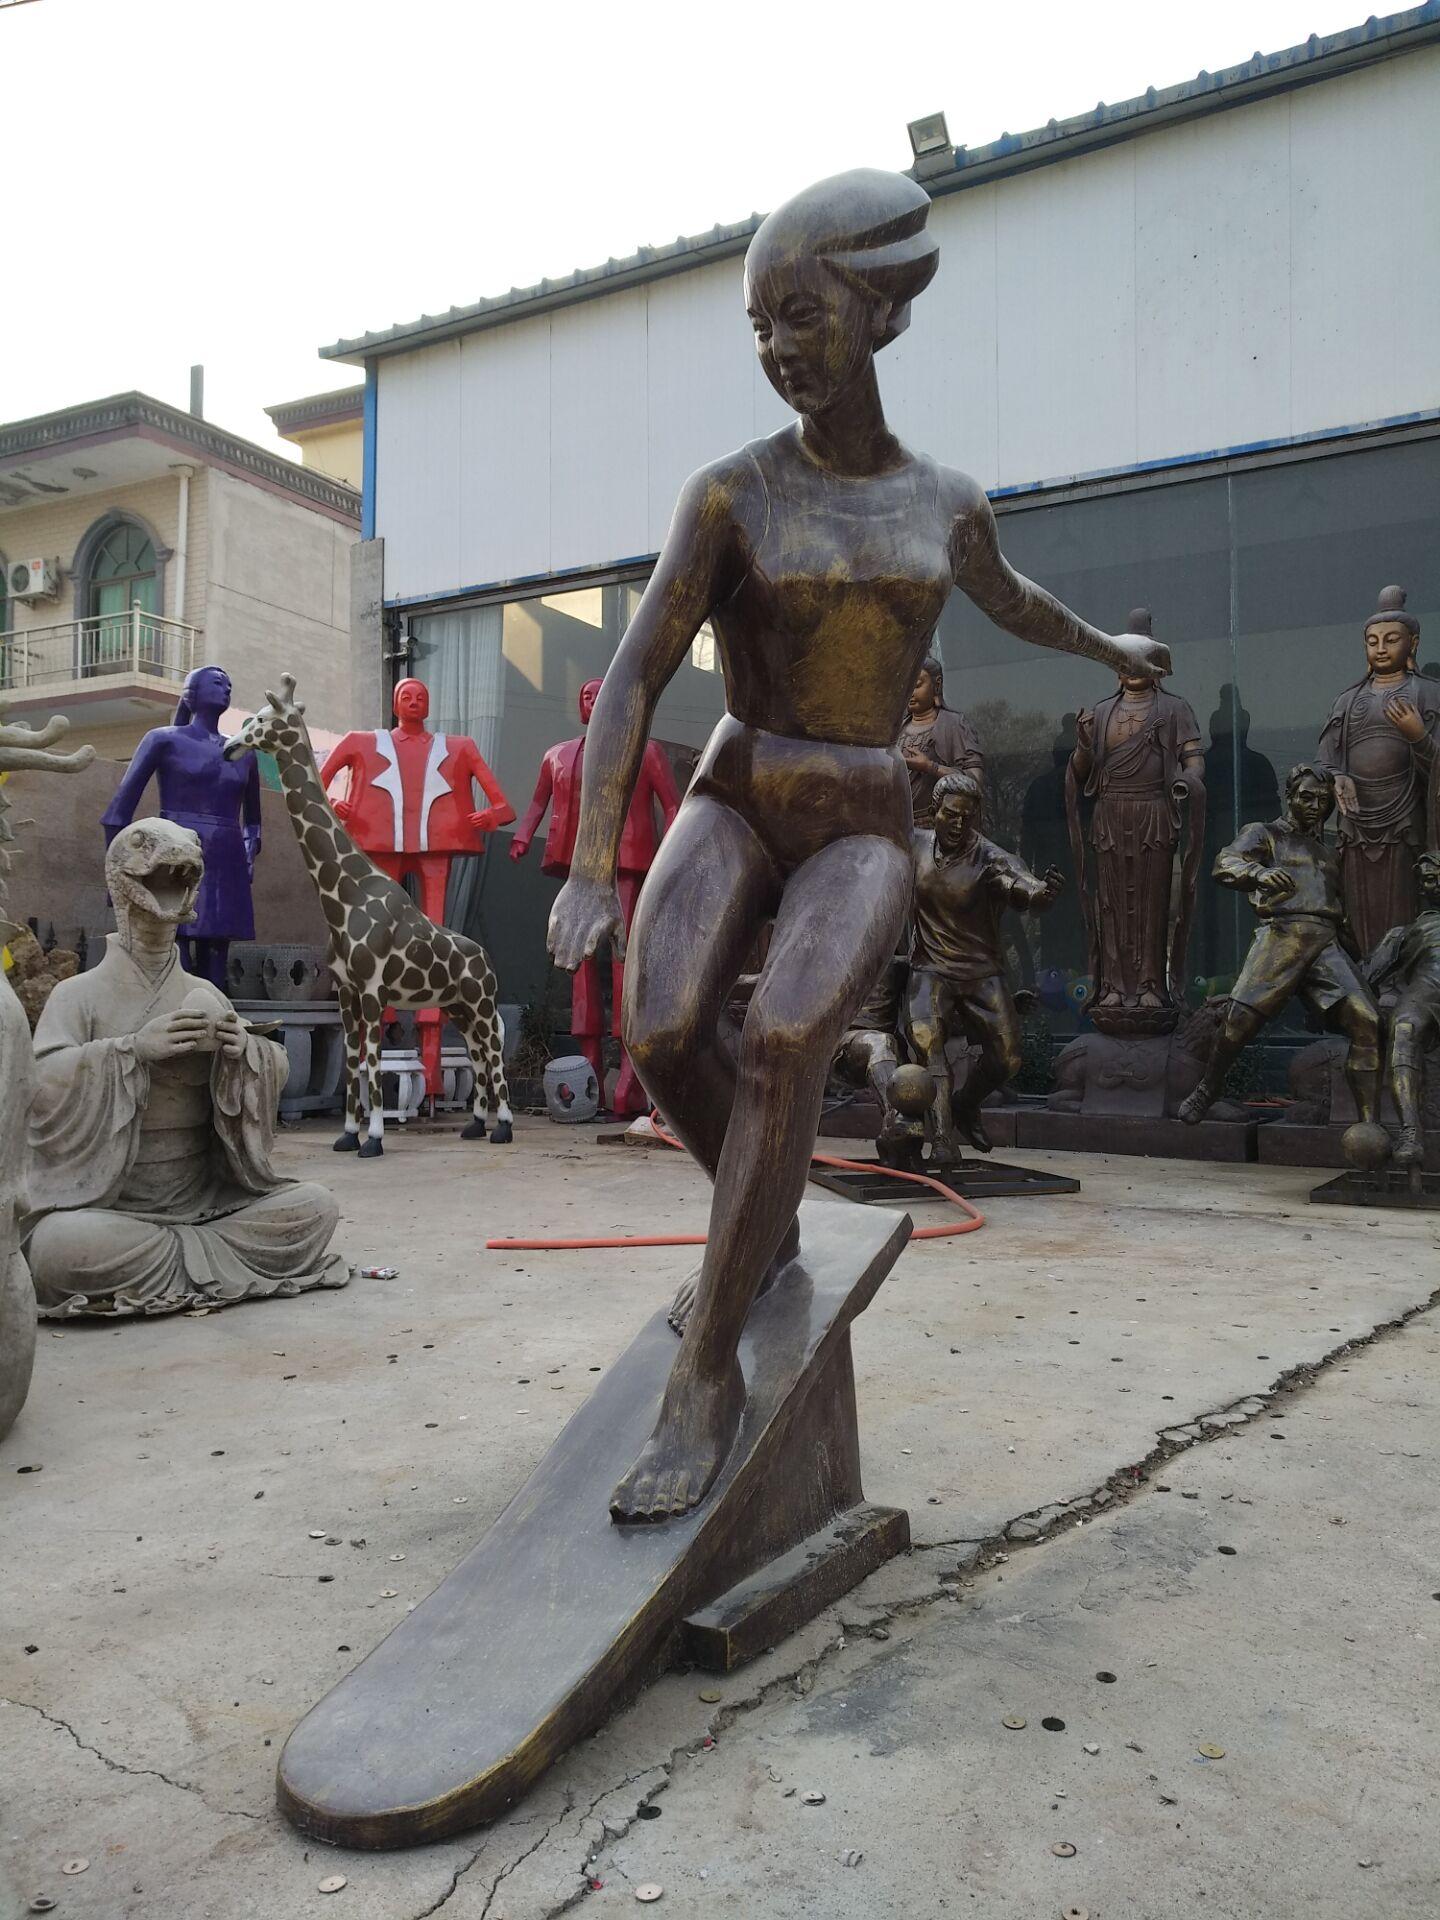 滑板美女铜雕塑